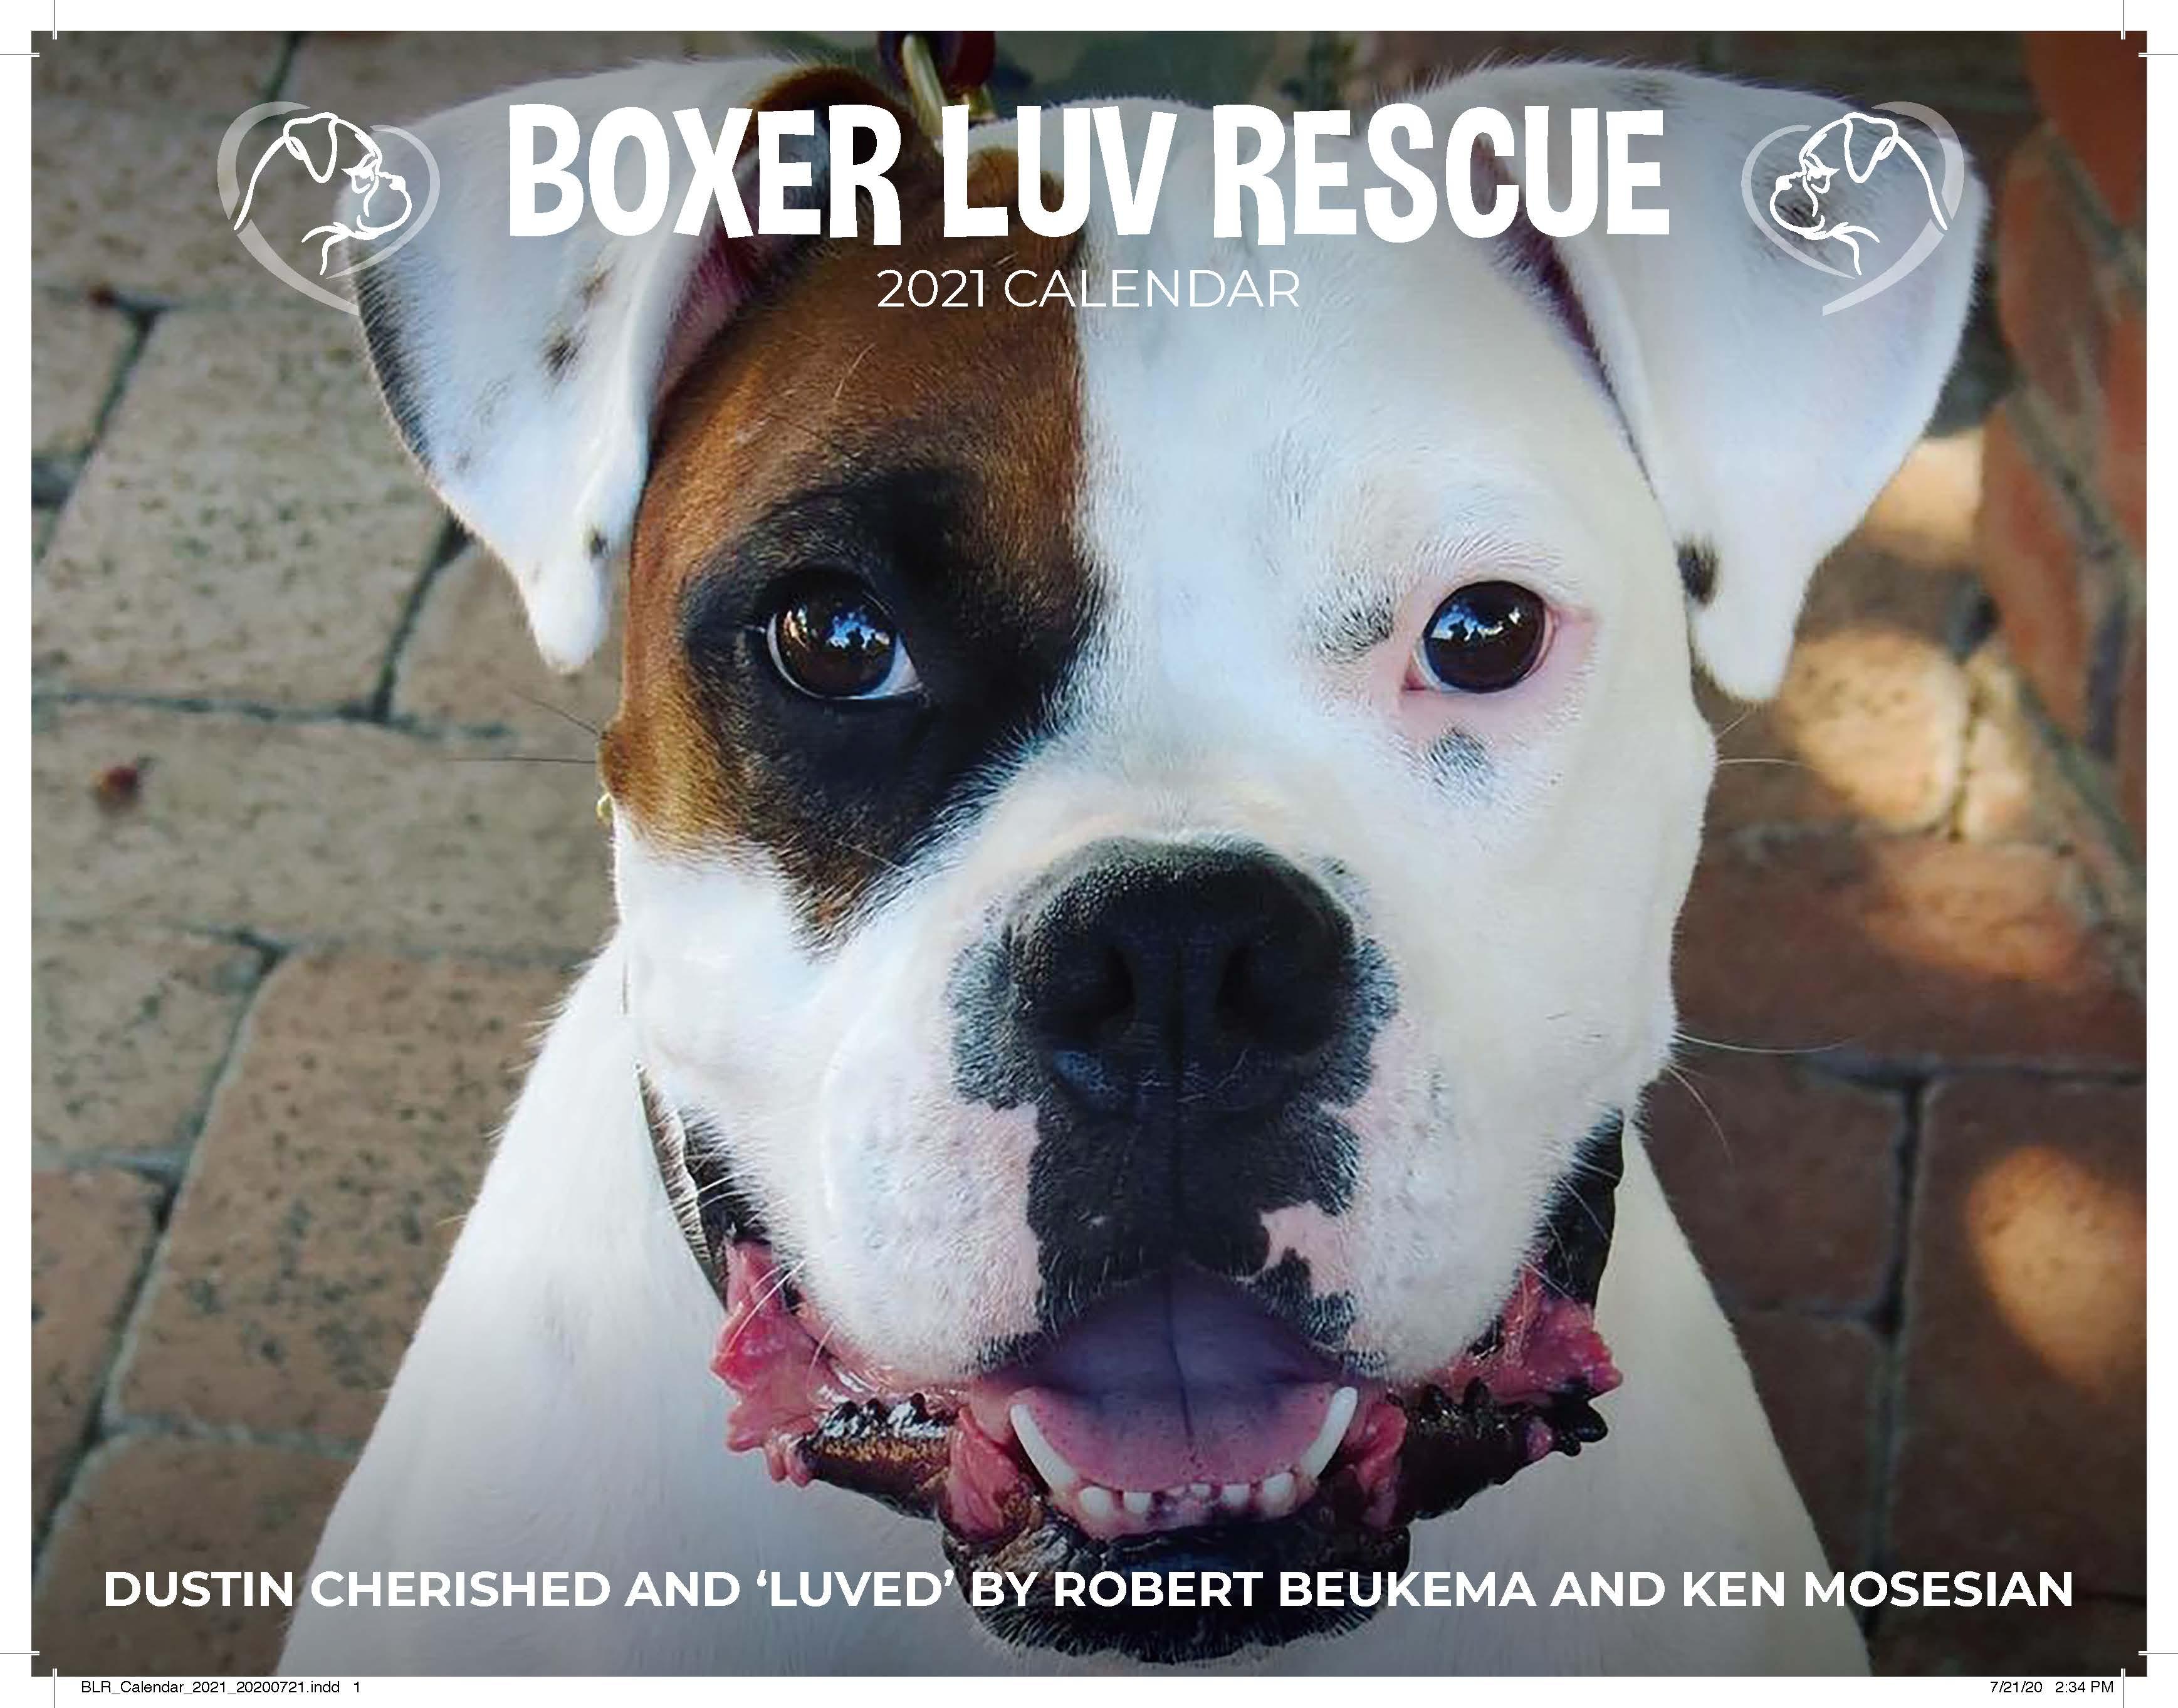 Boxer Luv Rescue annual calendar